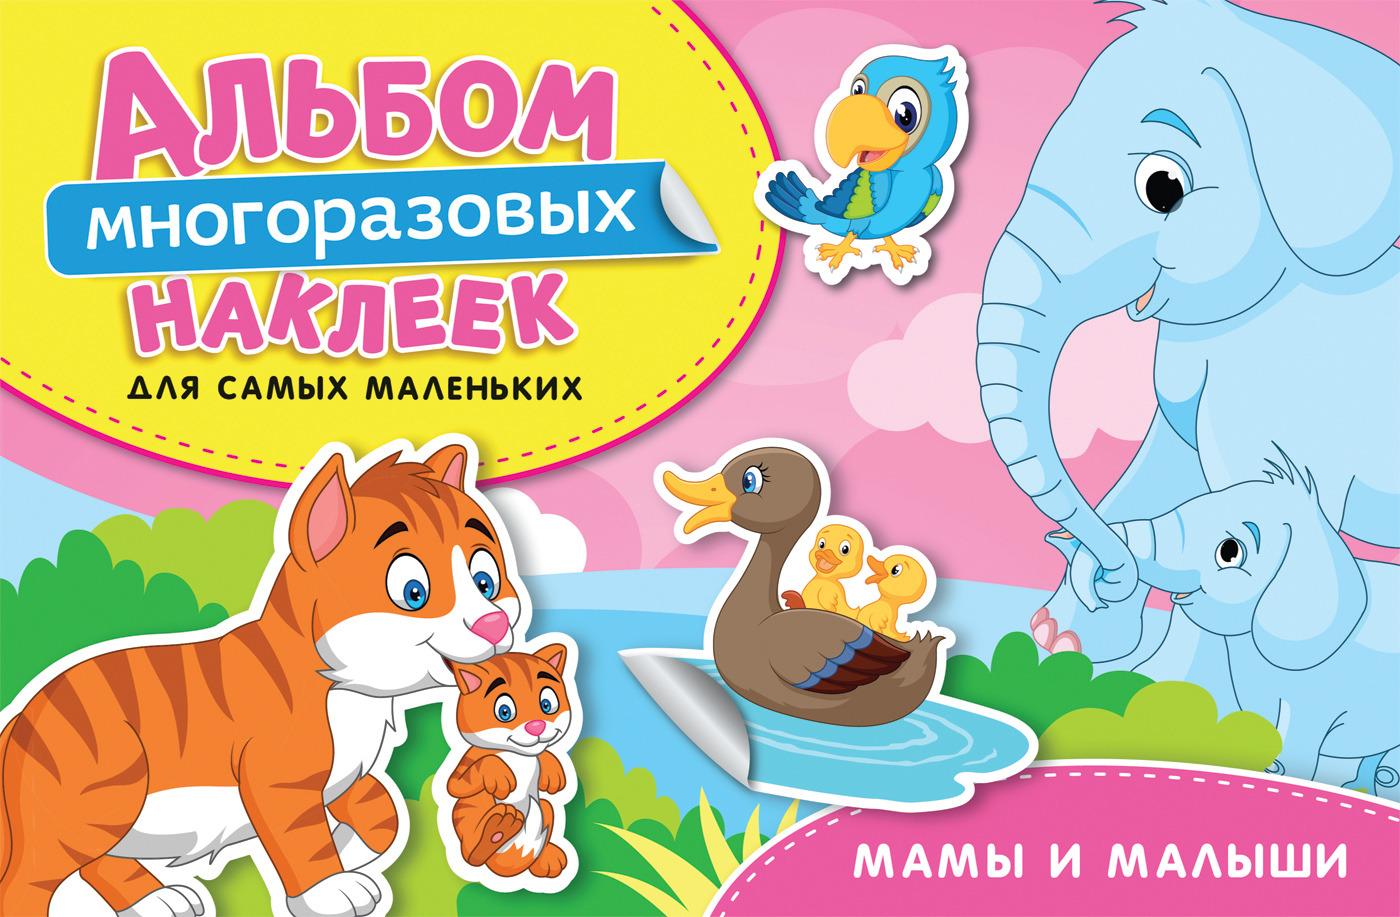 Н. И. Котятова Мамы и малыши. Альбом многоразовых наклеек для самых маленьких 400 наклеек мамы и малыши